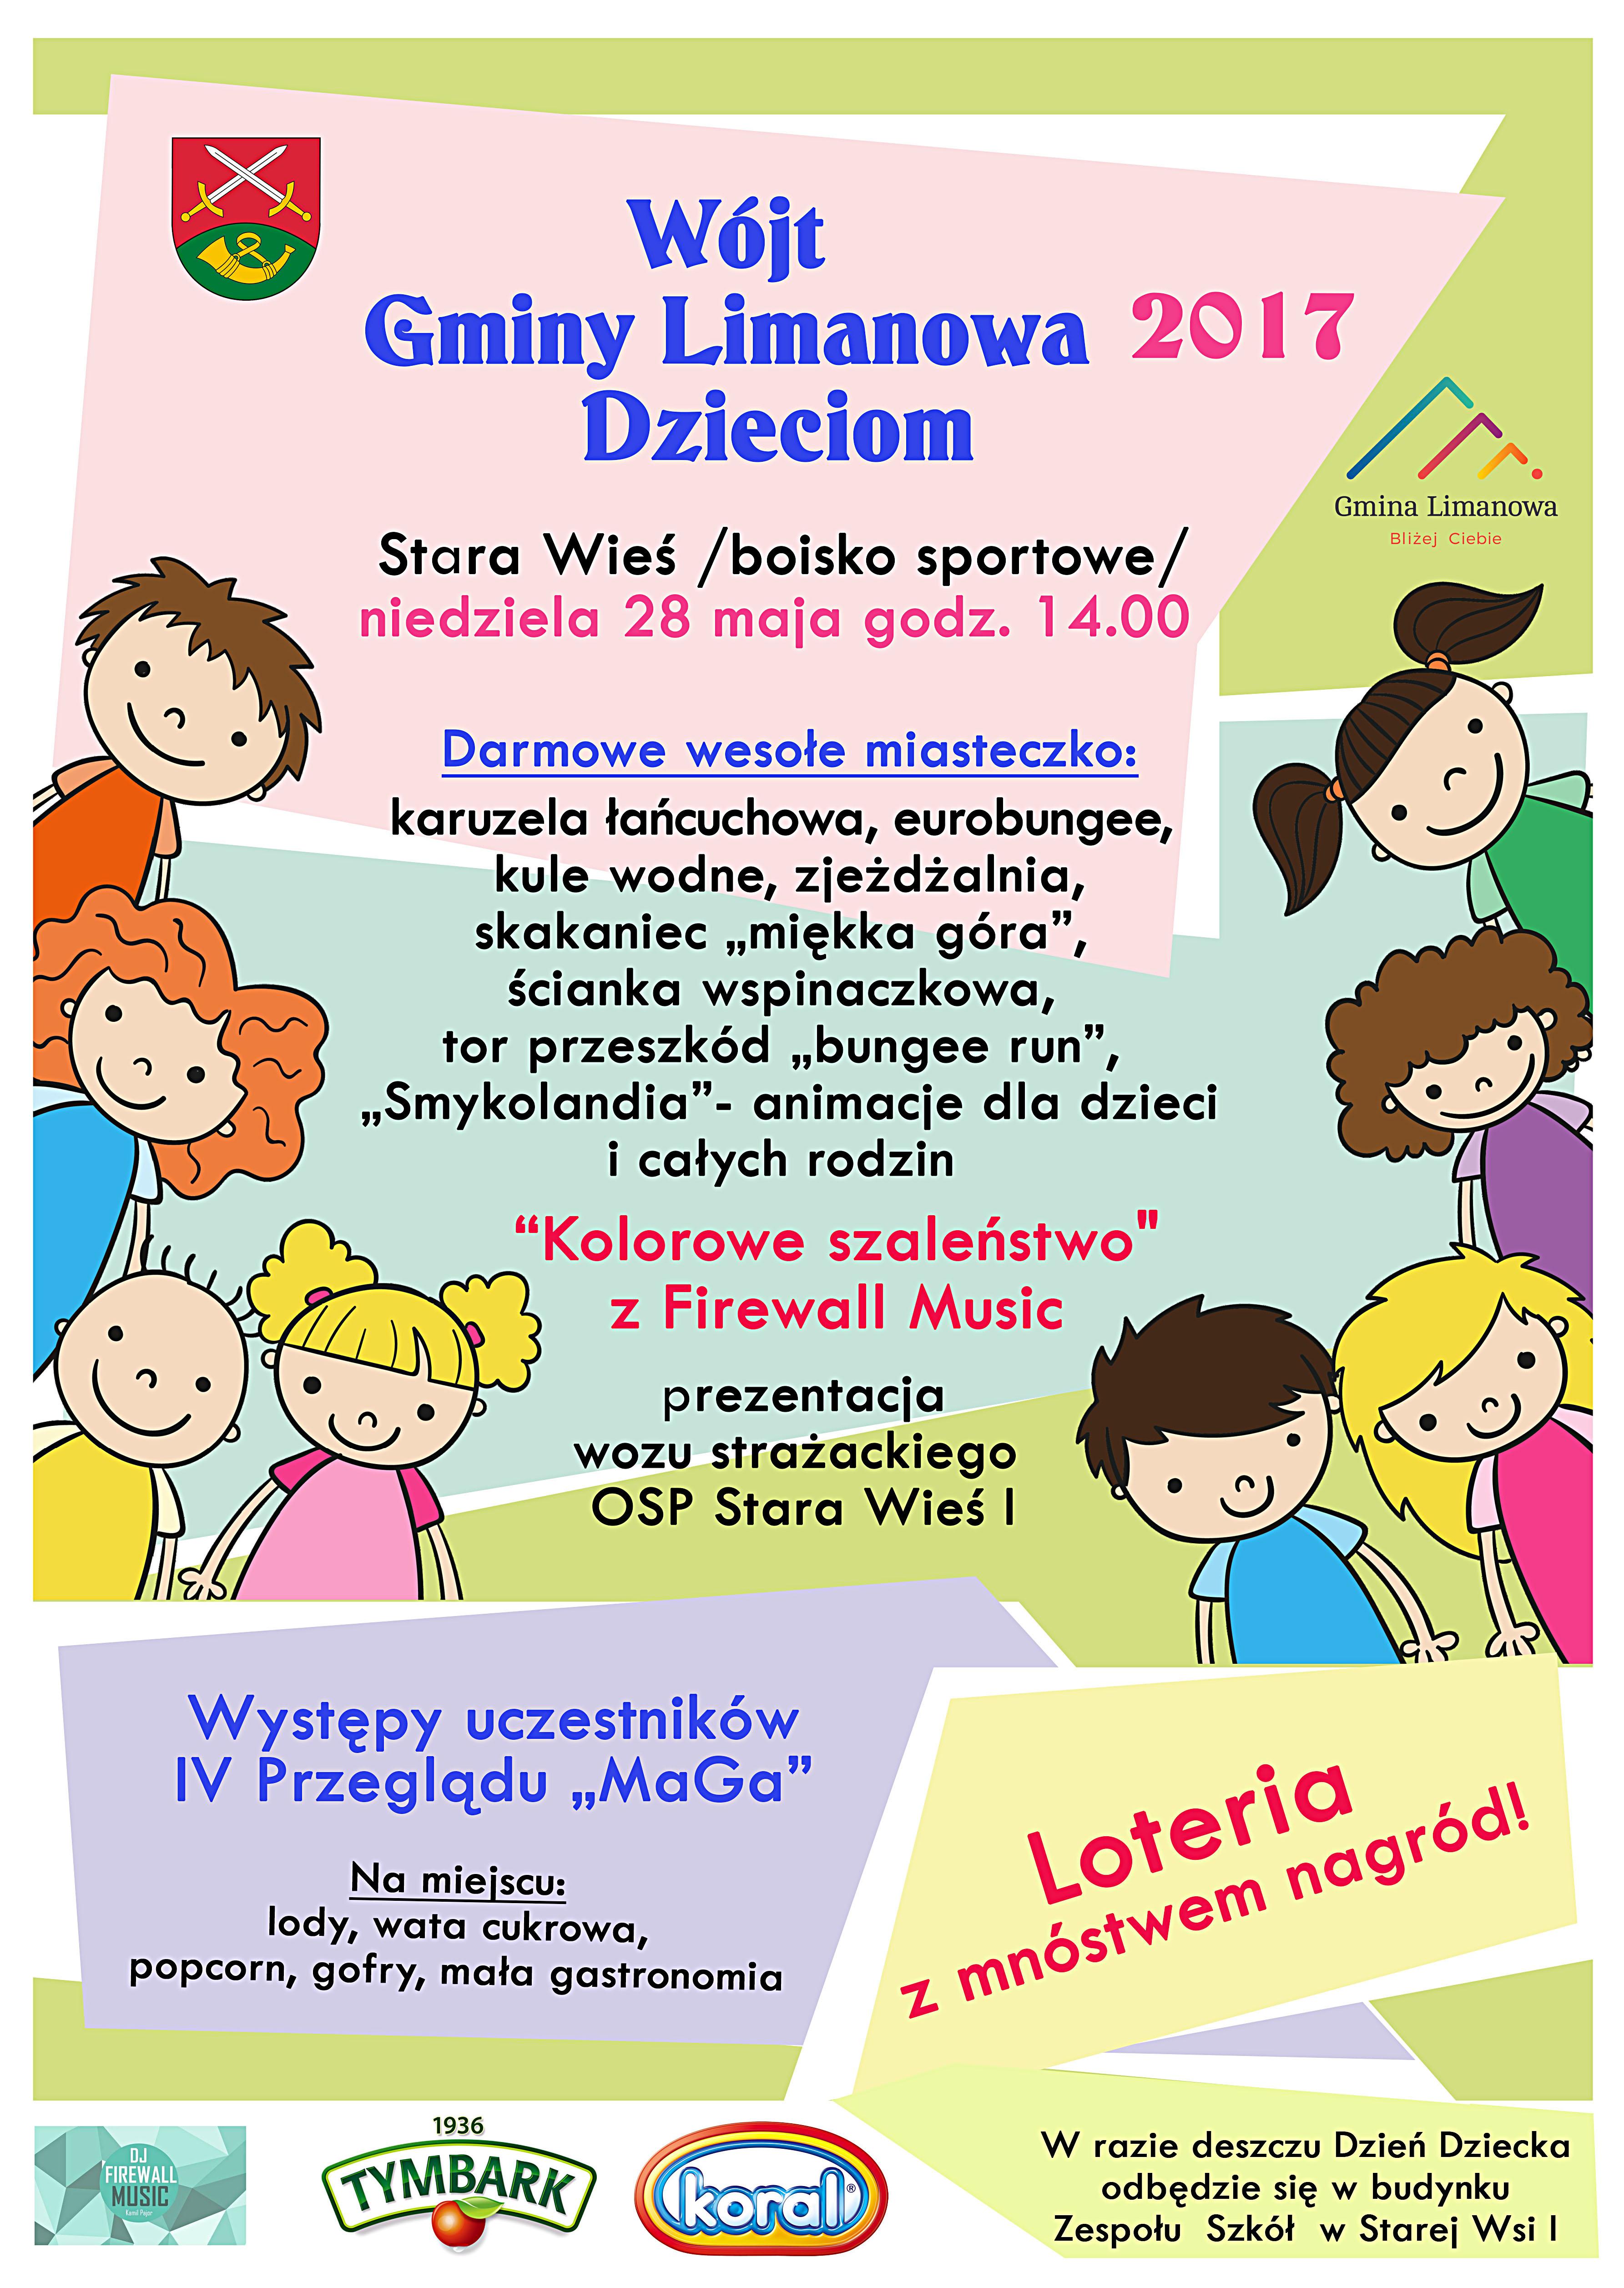 Dzień Dziecka z Gminą Limanowa już w najbliższą niedzielę! - zdjęcie główne